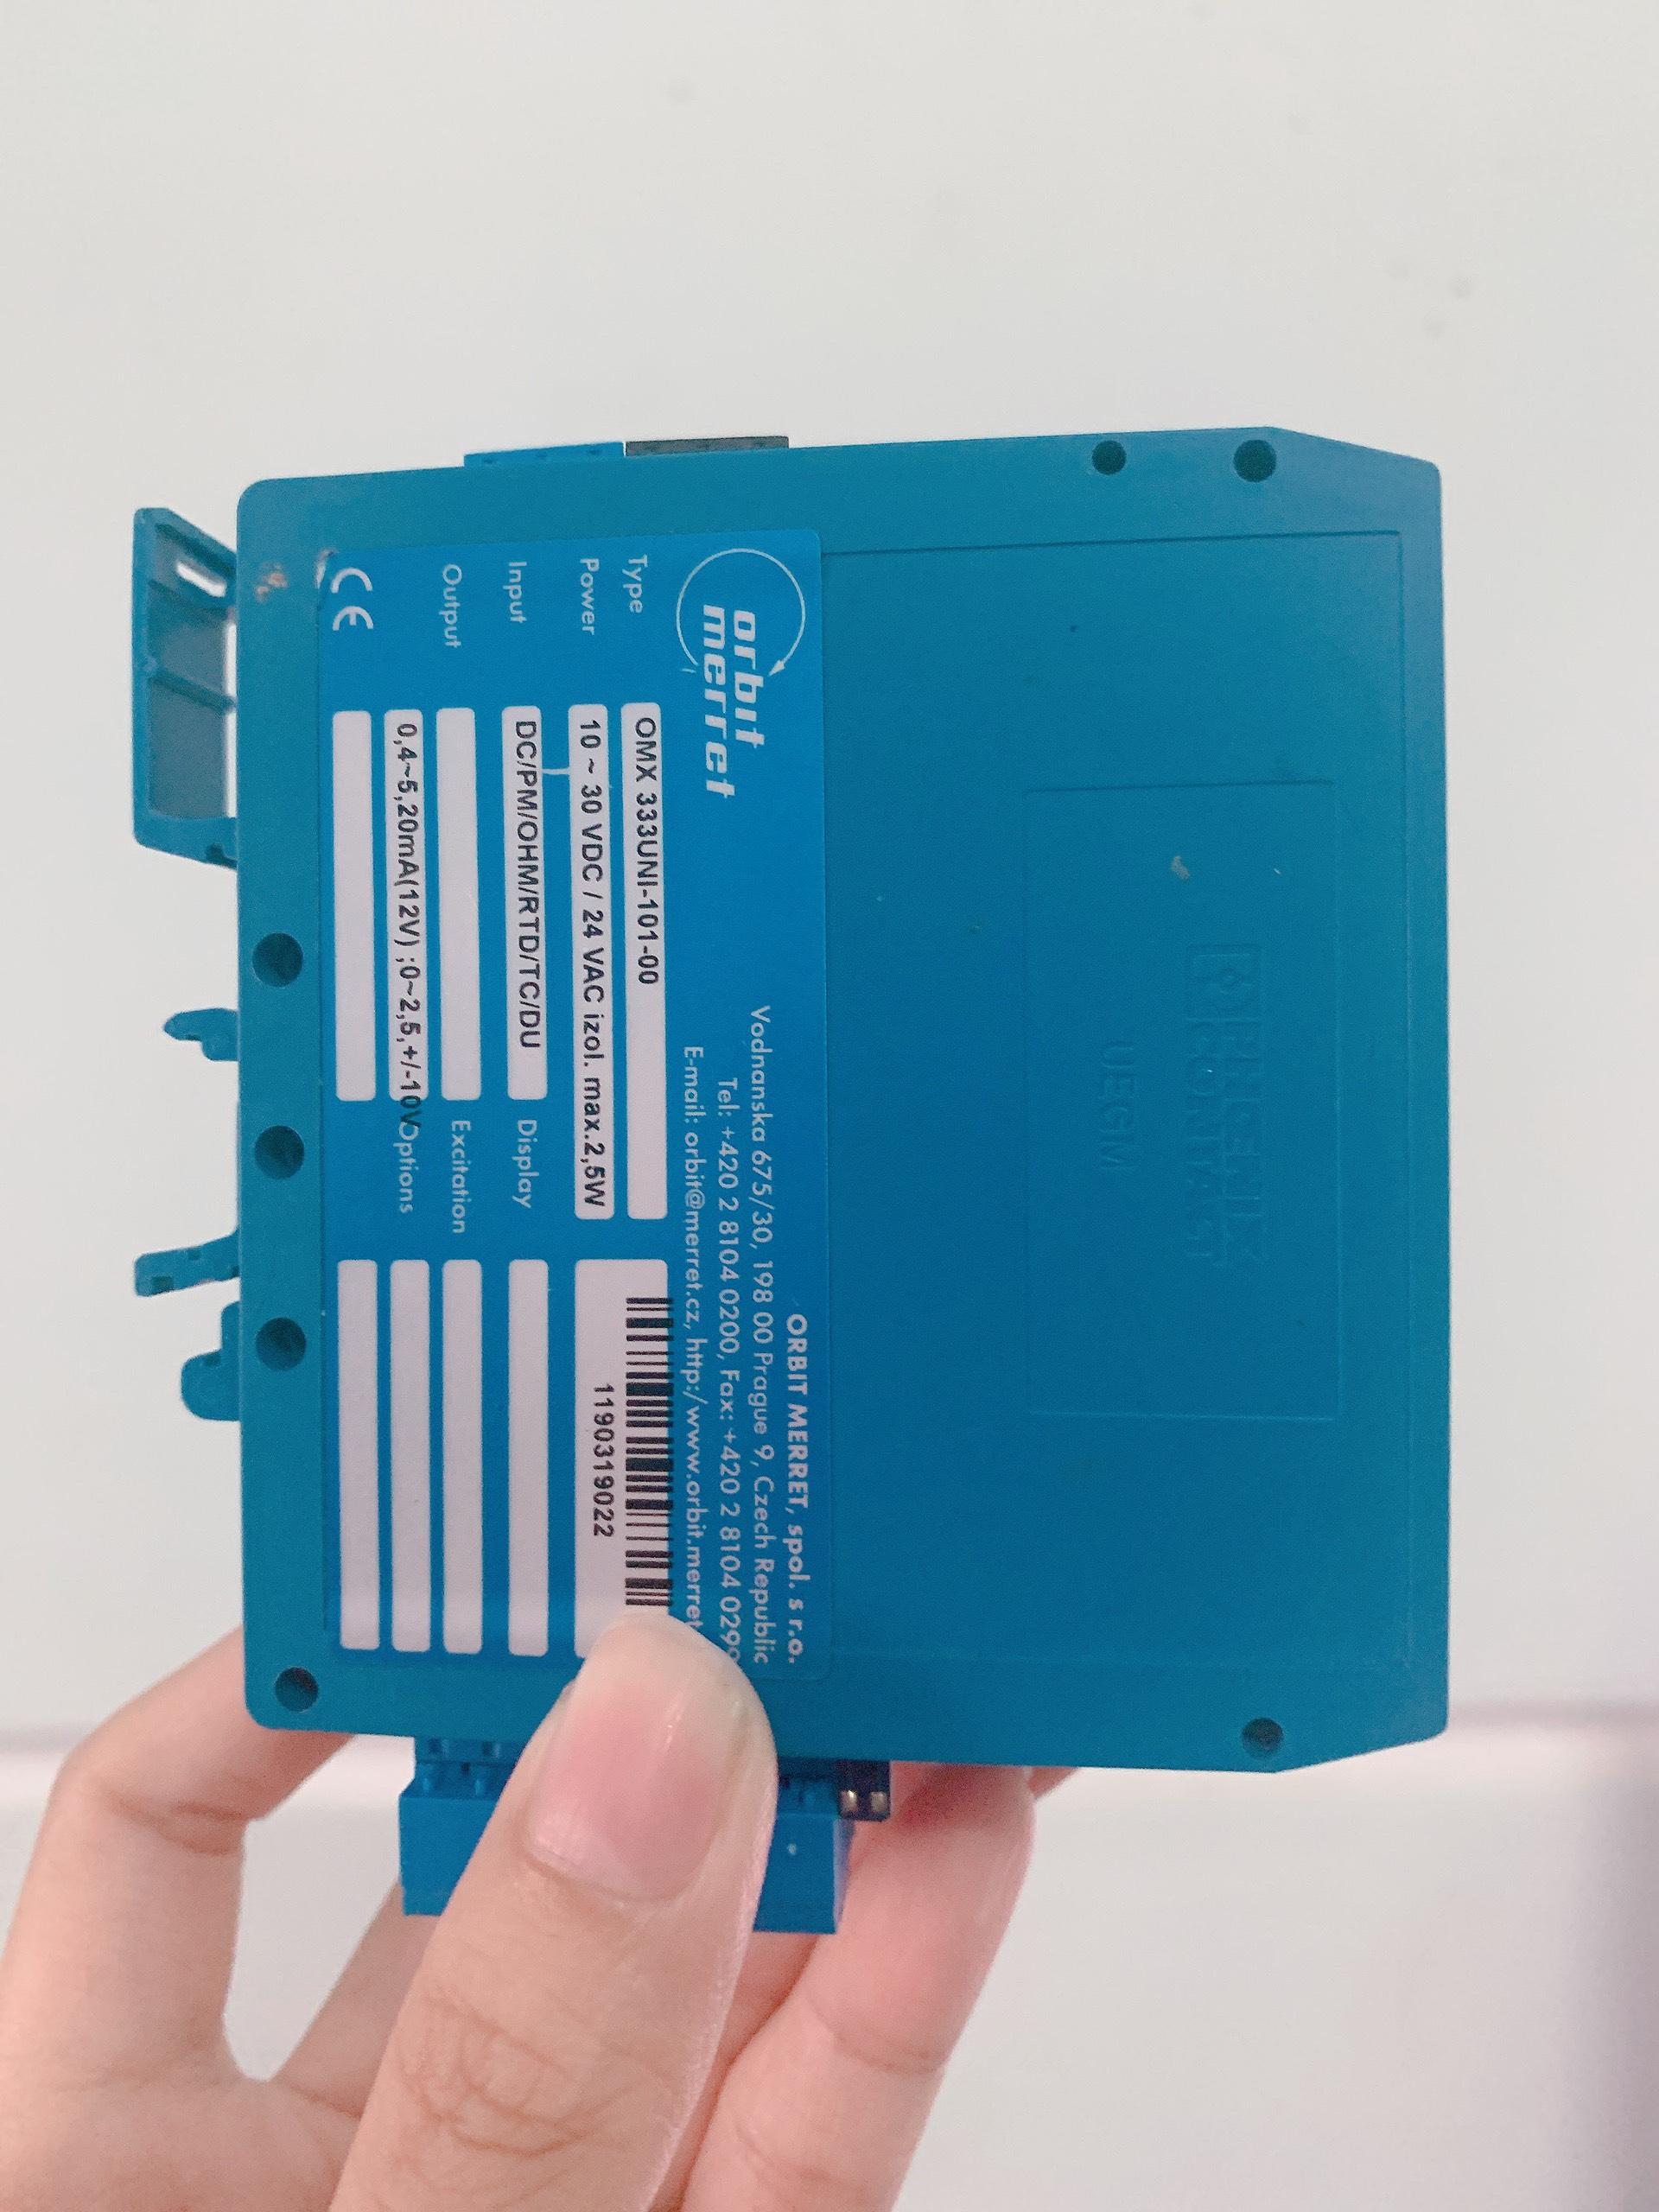 Bộ chuyển đổi tín hiệu nhiệt độ chuyên dùng cho PT100